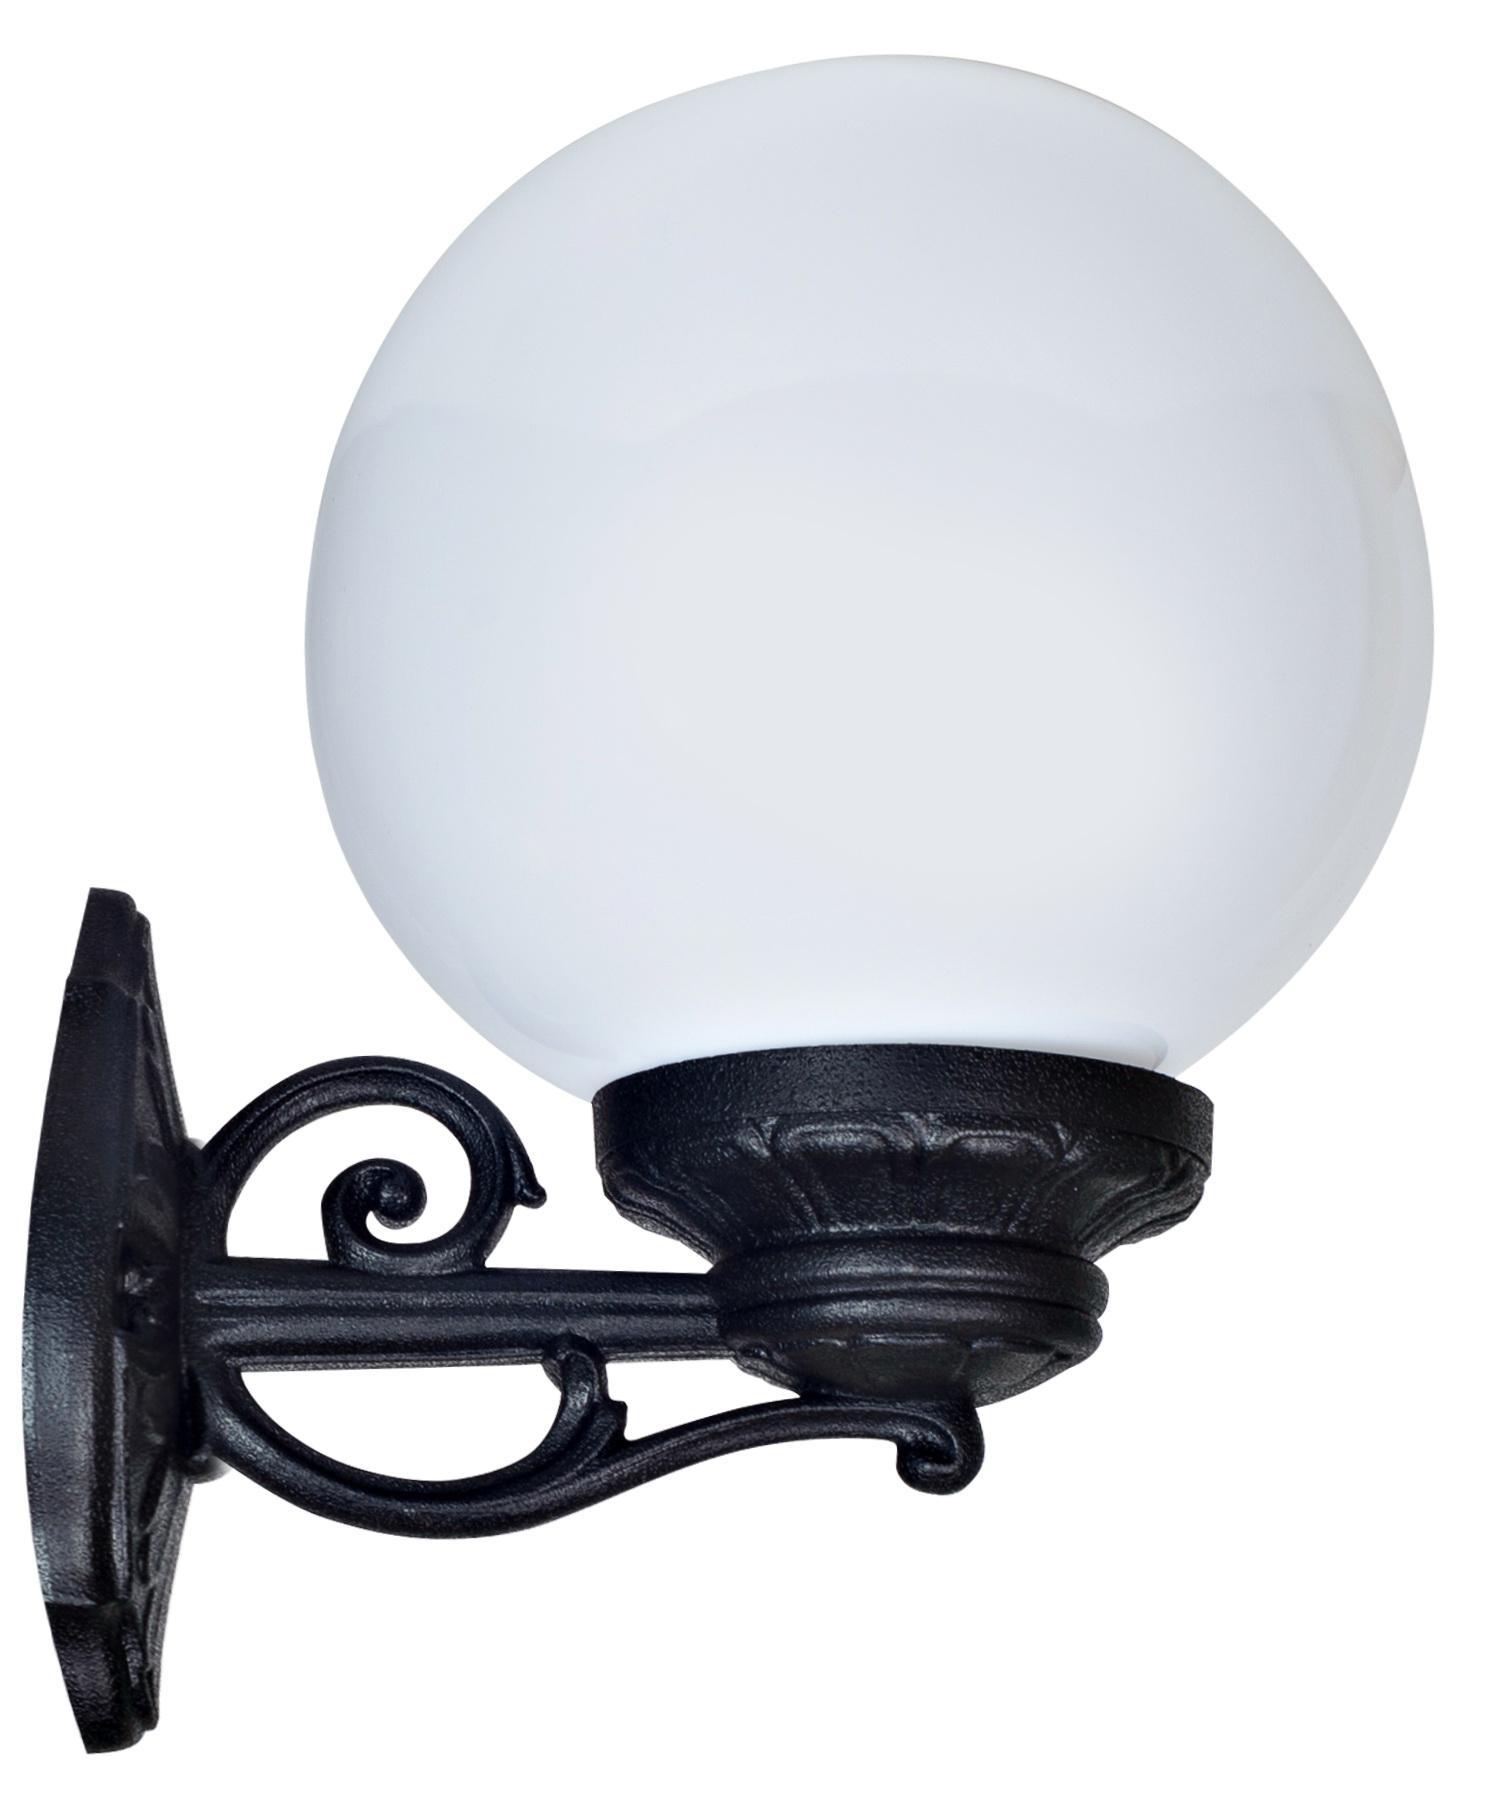 Светильник Fumagalli G250 bisso bm, уличный, производство: Италия, черный матовый